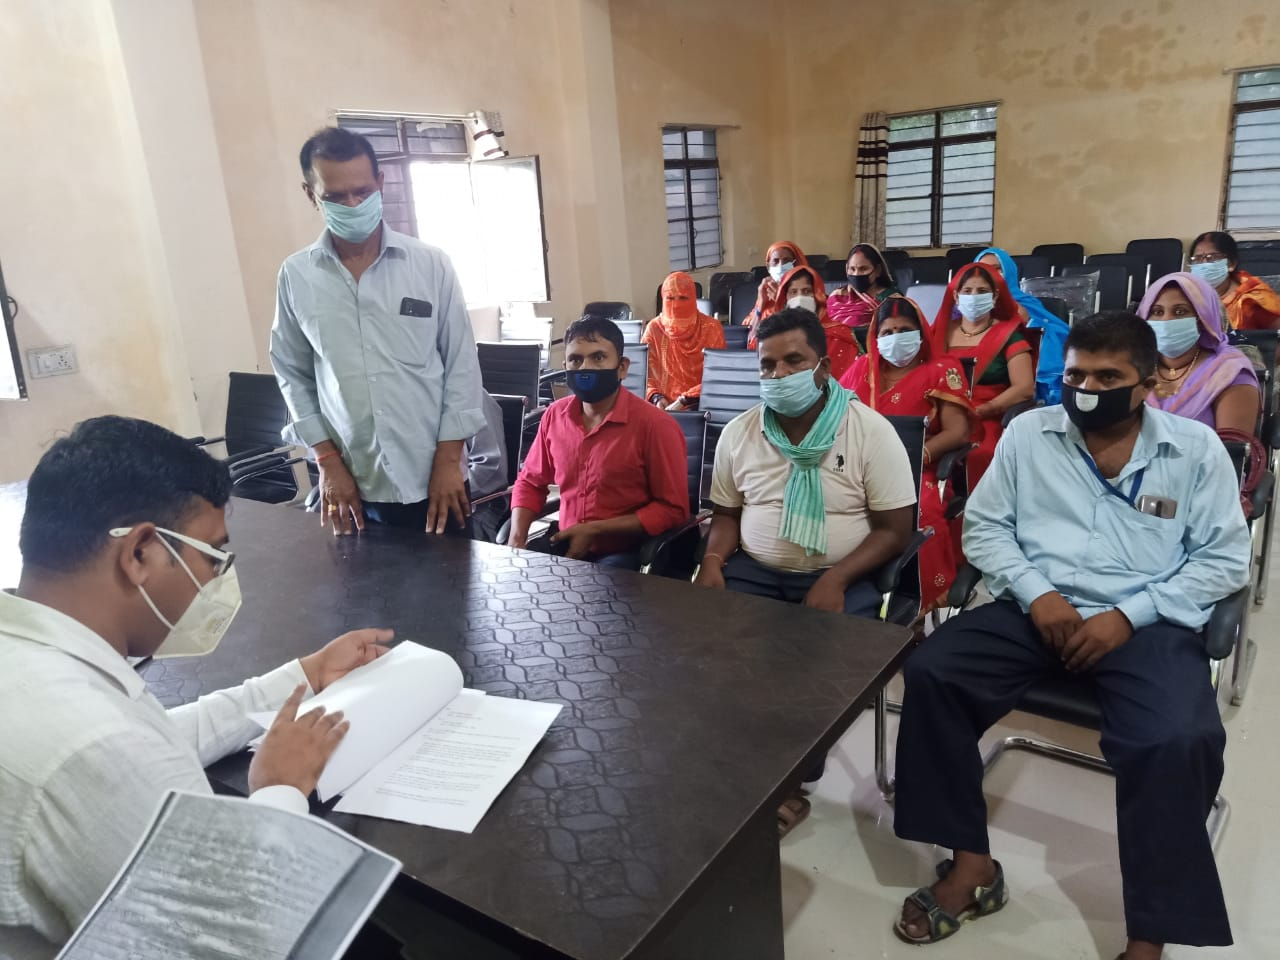 रामगढ़वा प्रखंड प्रमुख पर 15 पं० समितियों ने लगाया अविश्वास प्रस्ताव